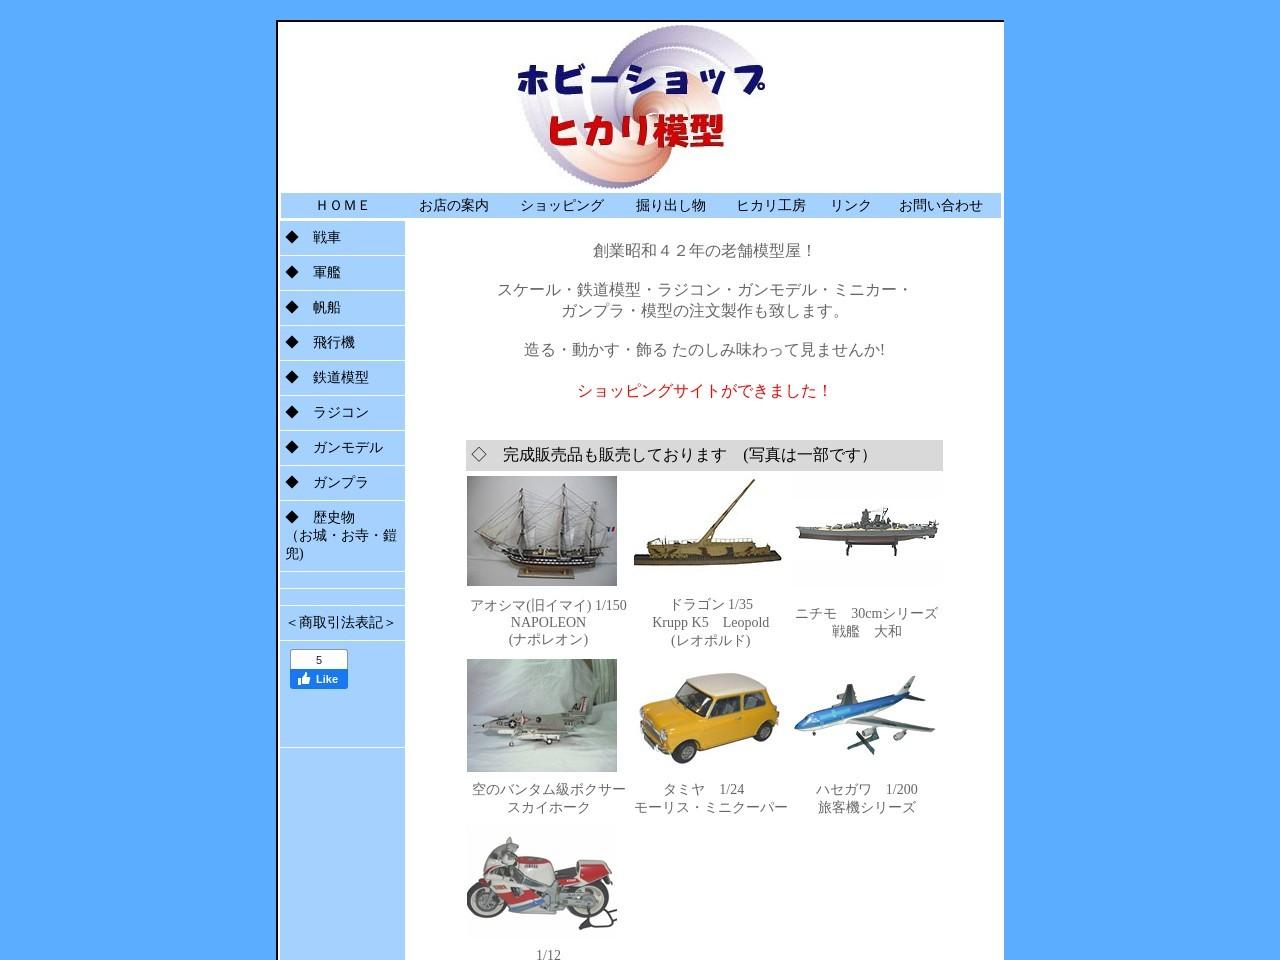 ホビーショップ ヒカリ模型 戦車 軍艦 帆船 飛行機 ラジコン ガンモデル ミニカー 模型製作